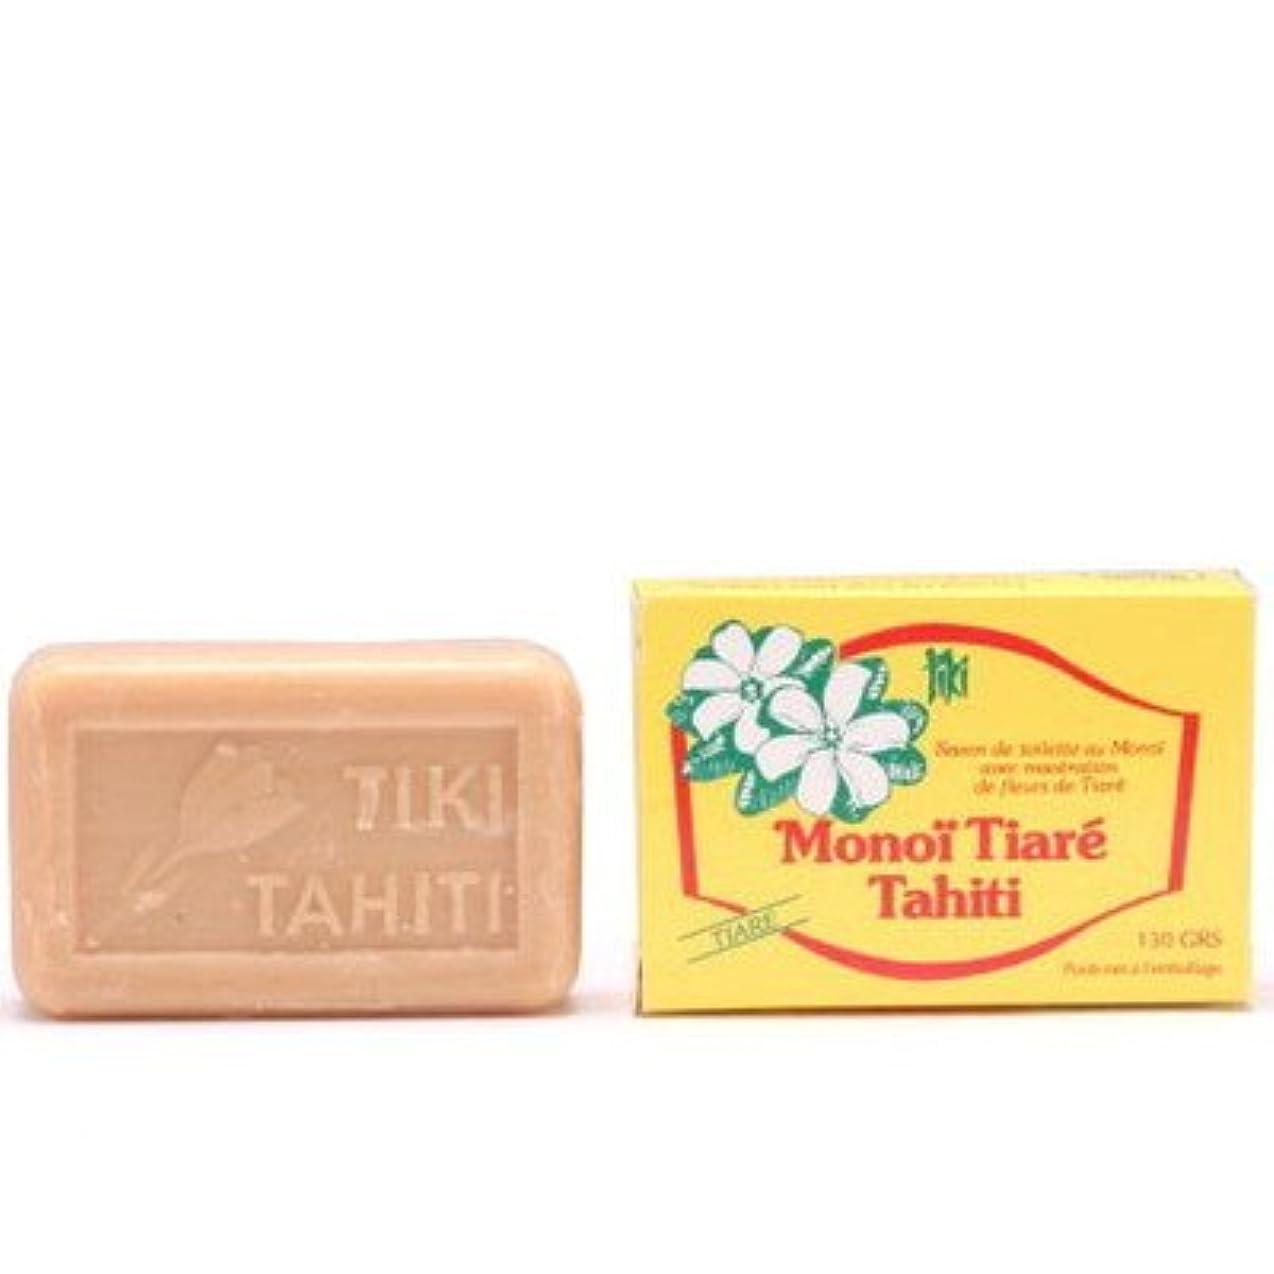 パットフィルタ重要性タヒチモノイティアレ石鹸ティアレ 130g【12個セット】